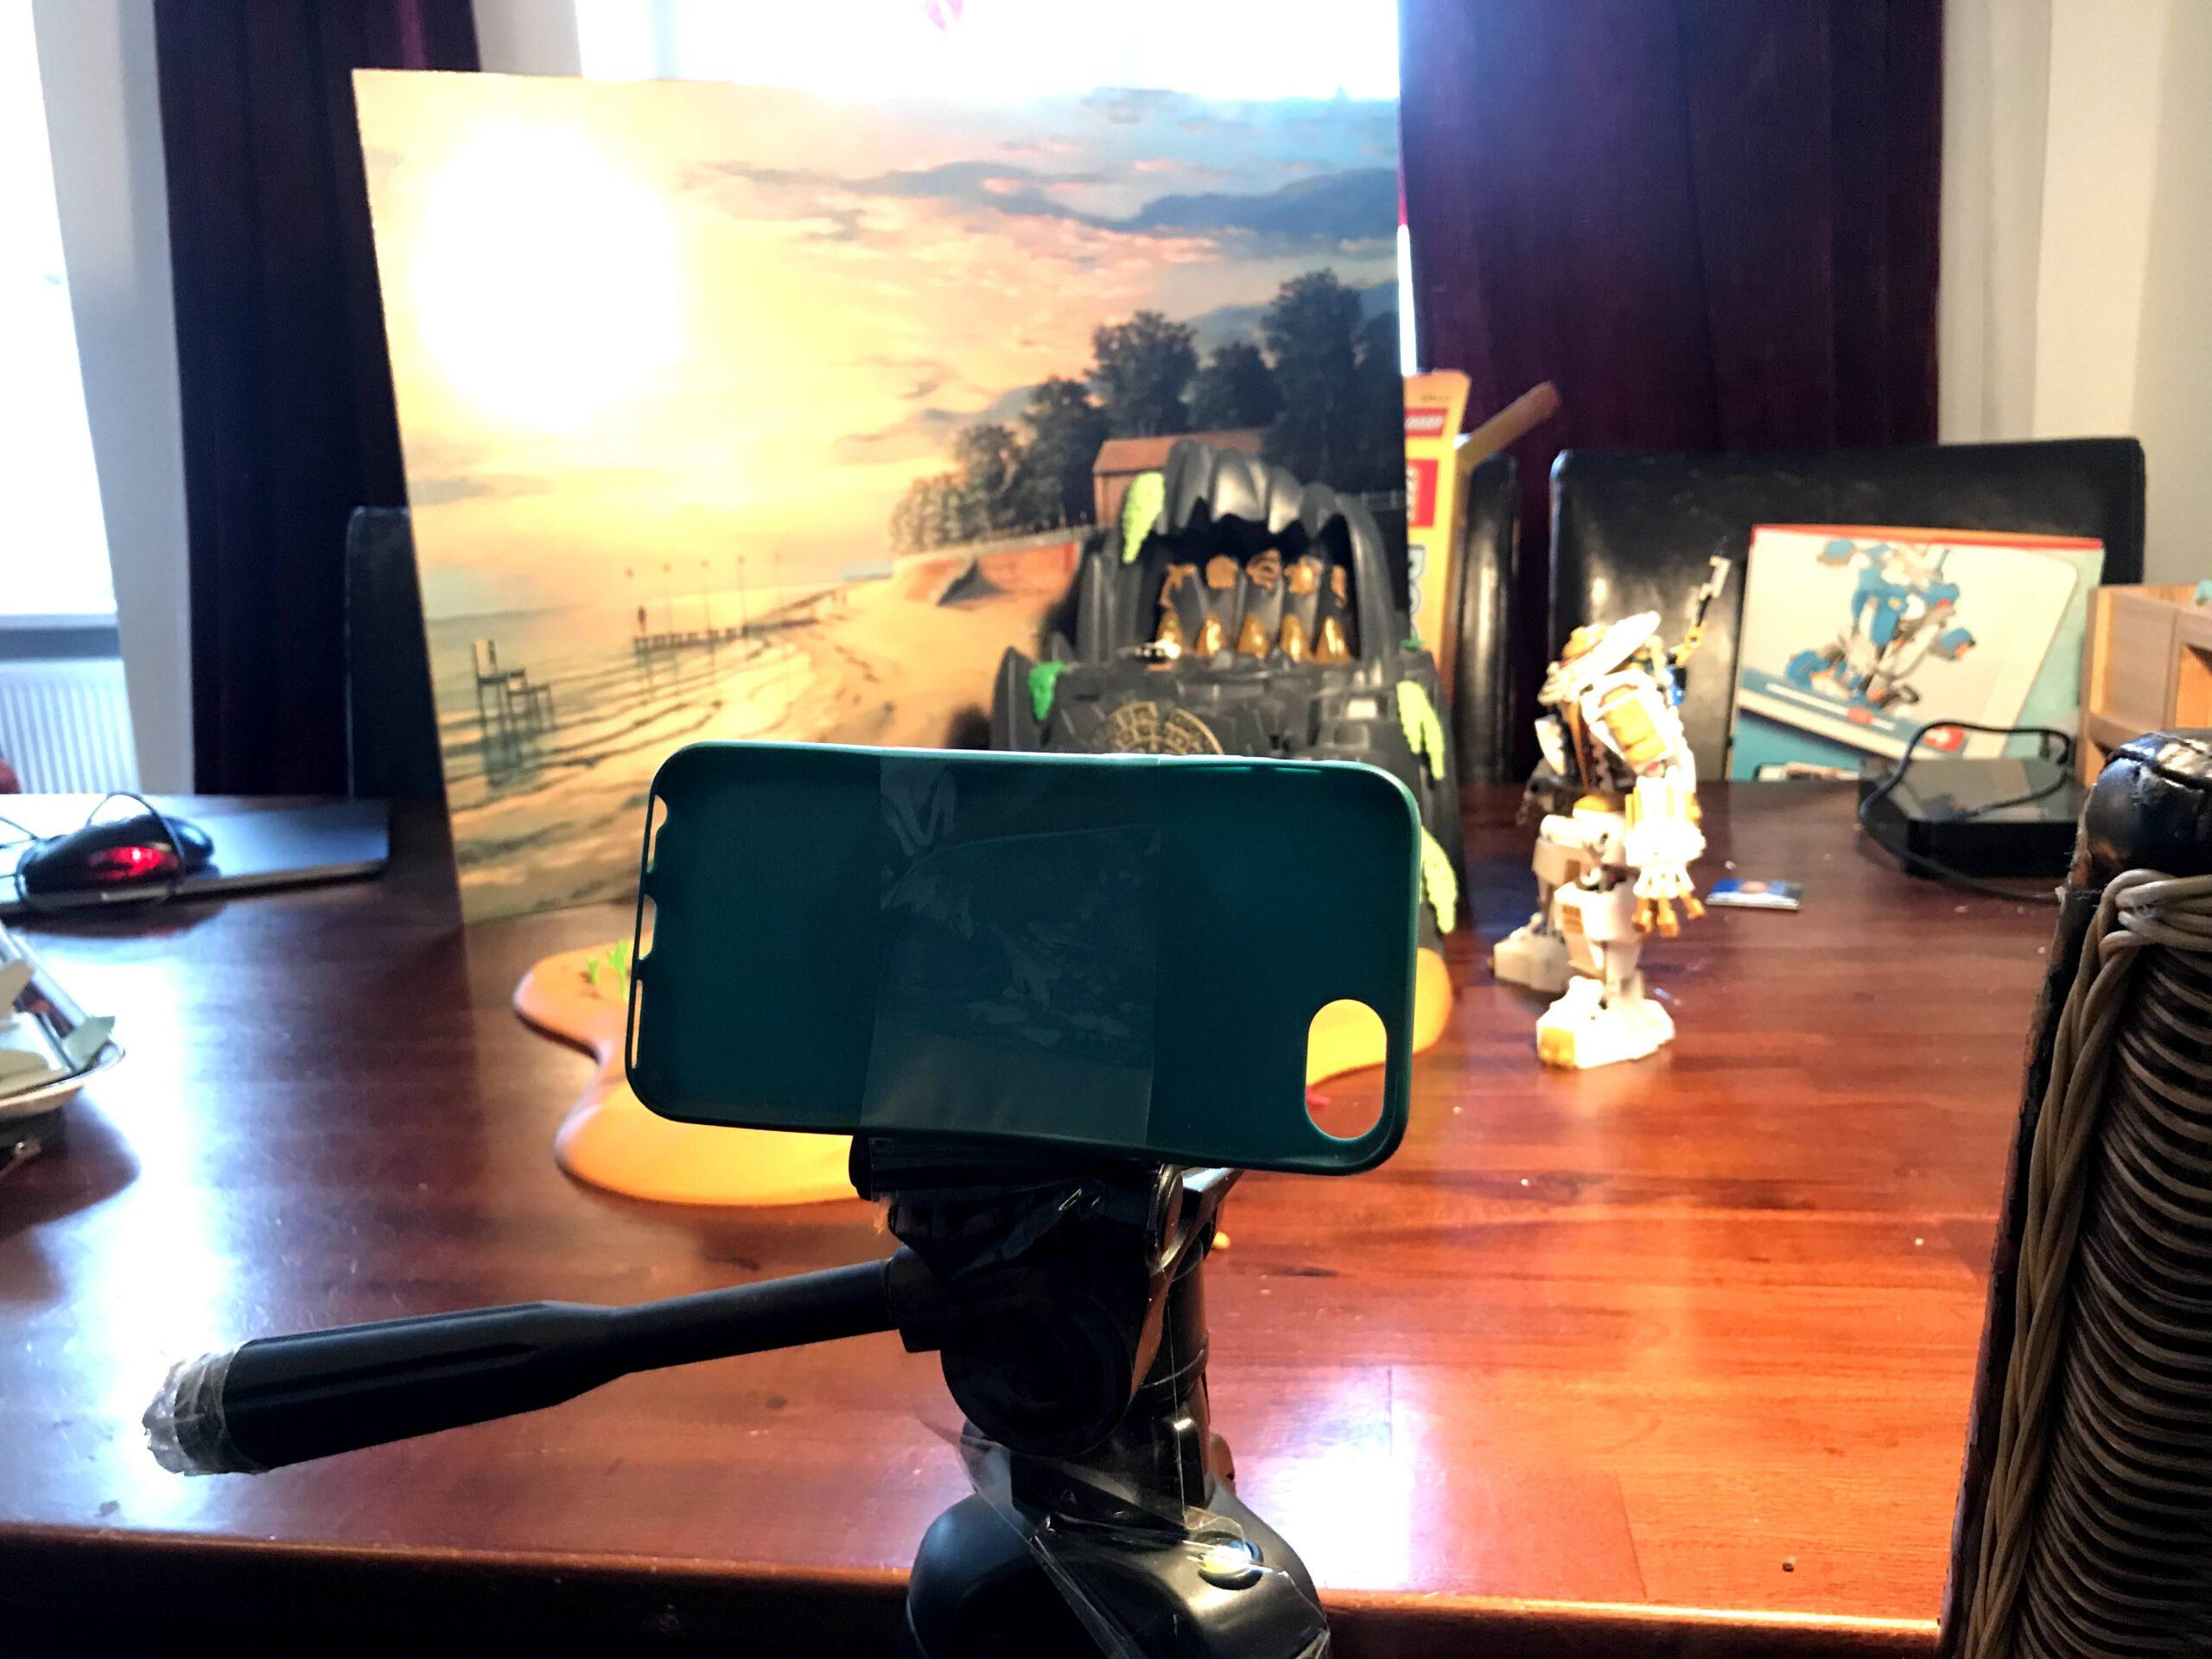 Stop Motion Film erstellen zum Thema Lego: Das Handy oder das Tablet als Kamera aufstellen